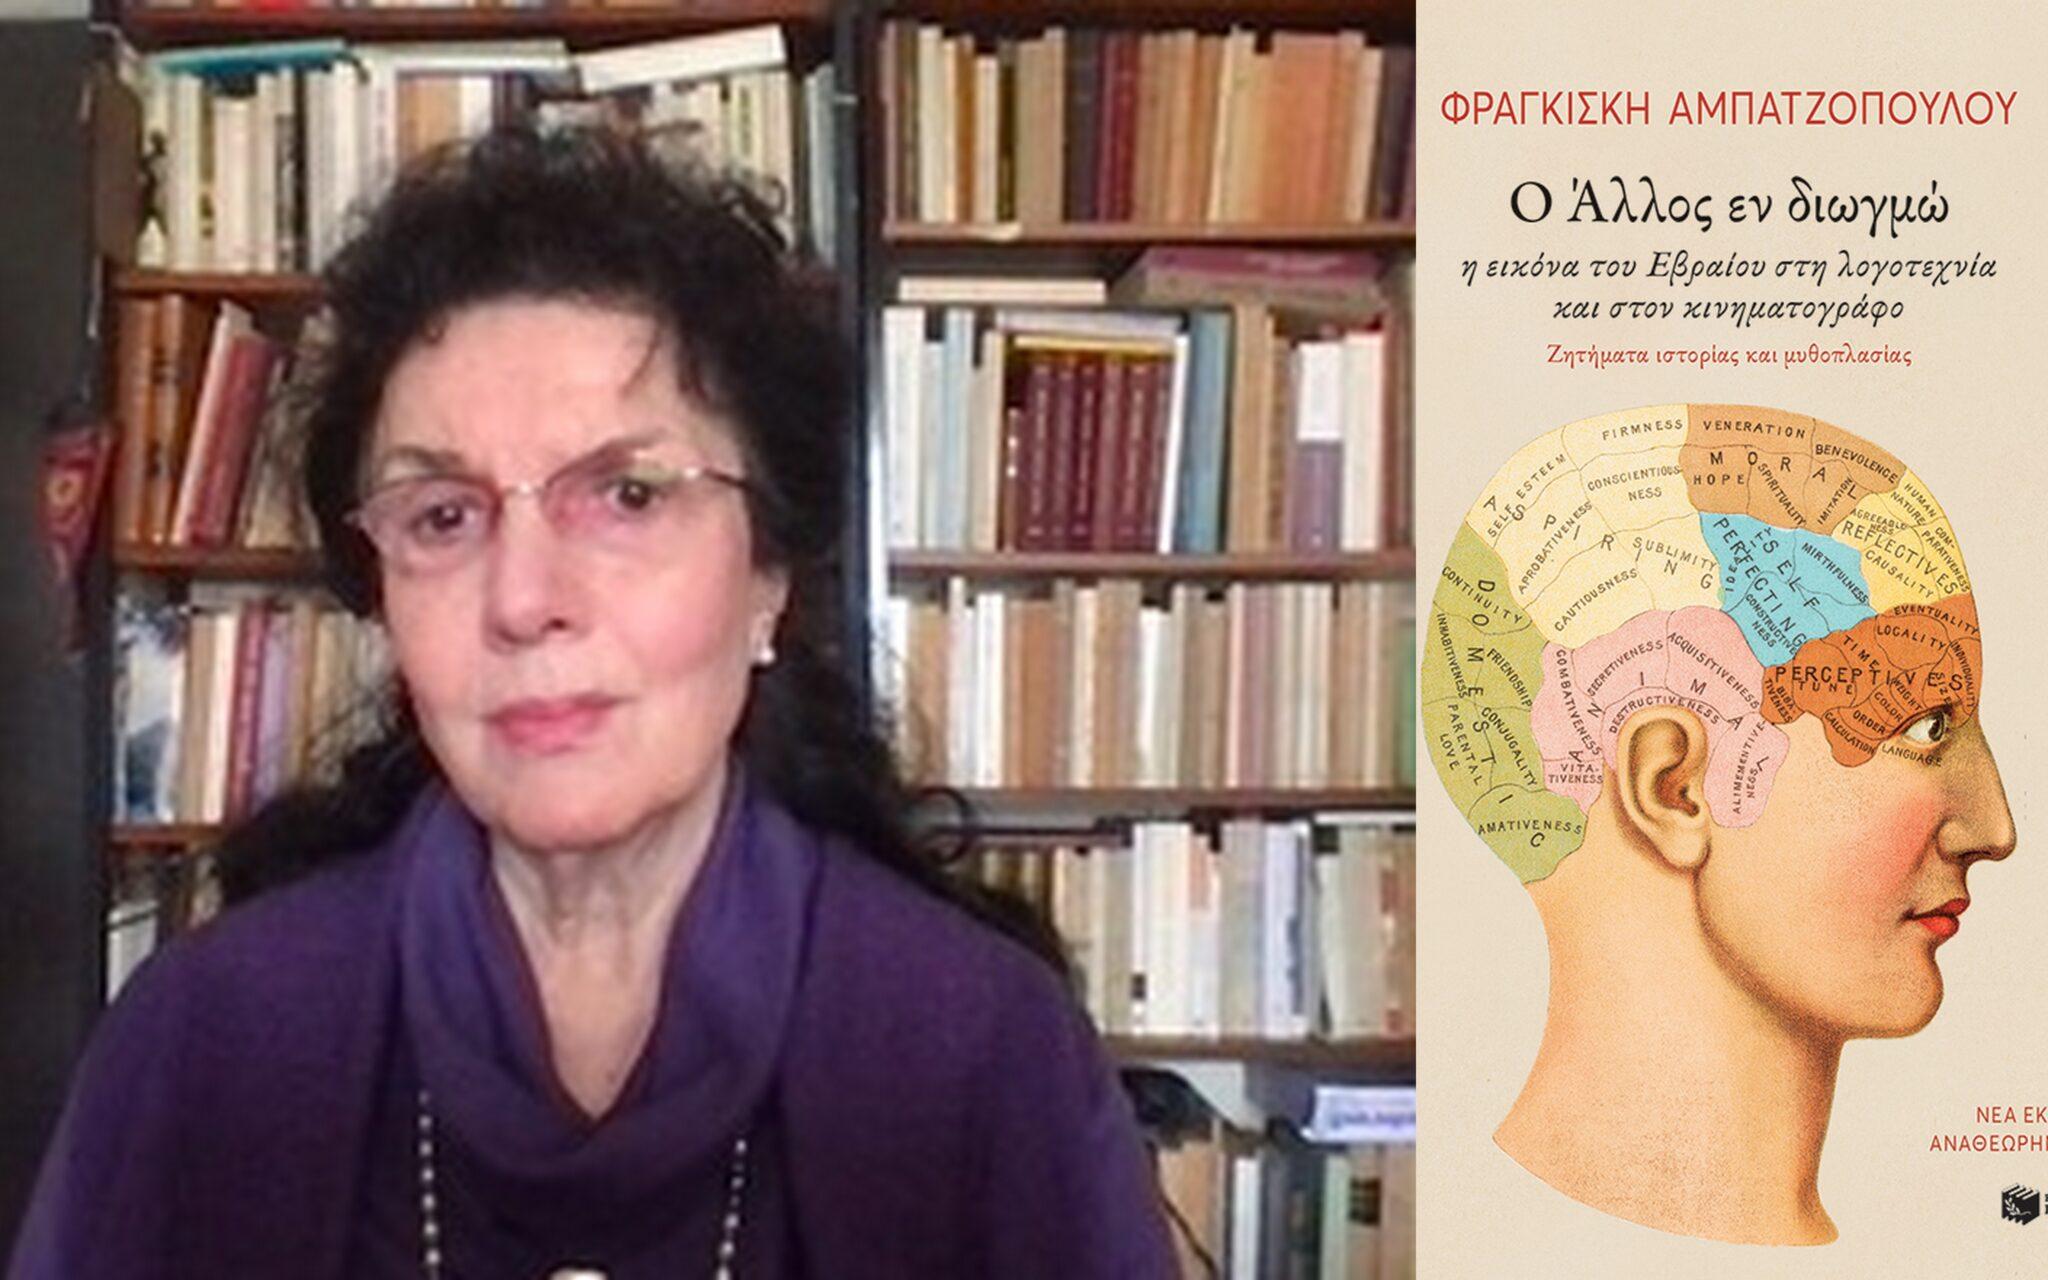 """""""Ο Άλλος εν διωγμώ"""" - Συγγραφέας: Φραγκίσκη Αμπατζοπούλου"""